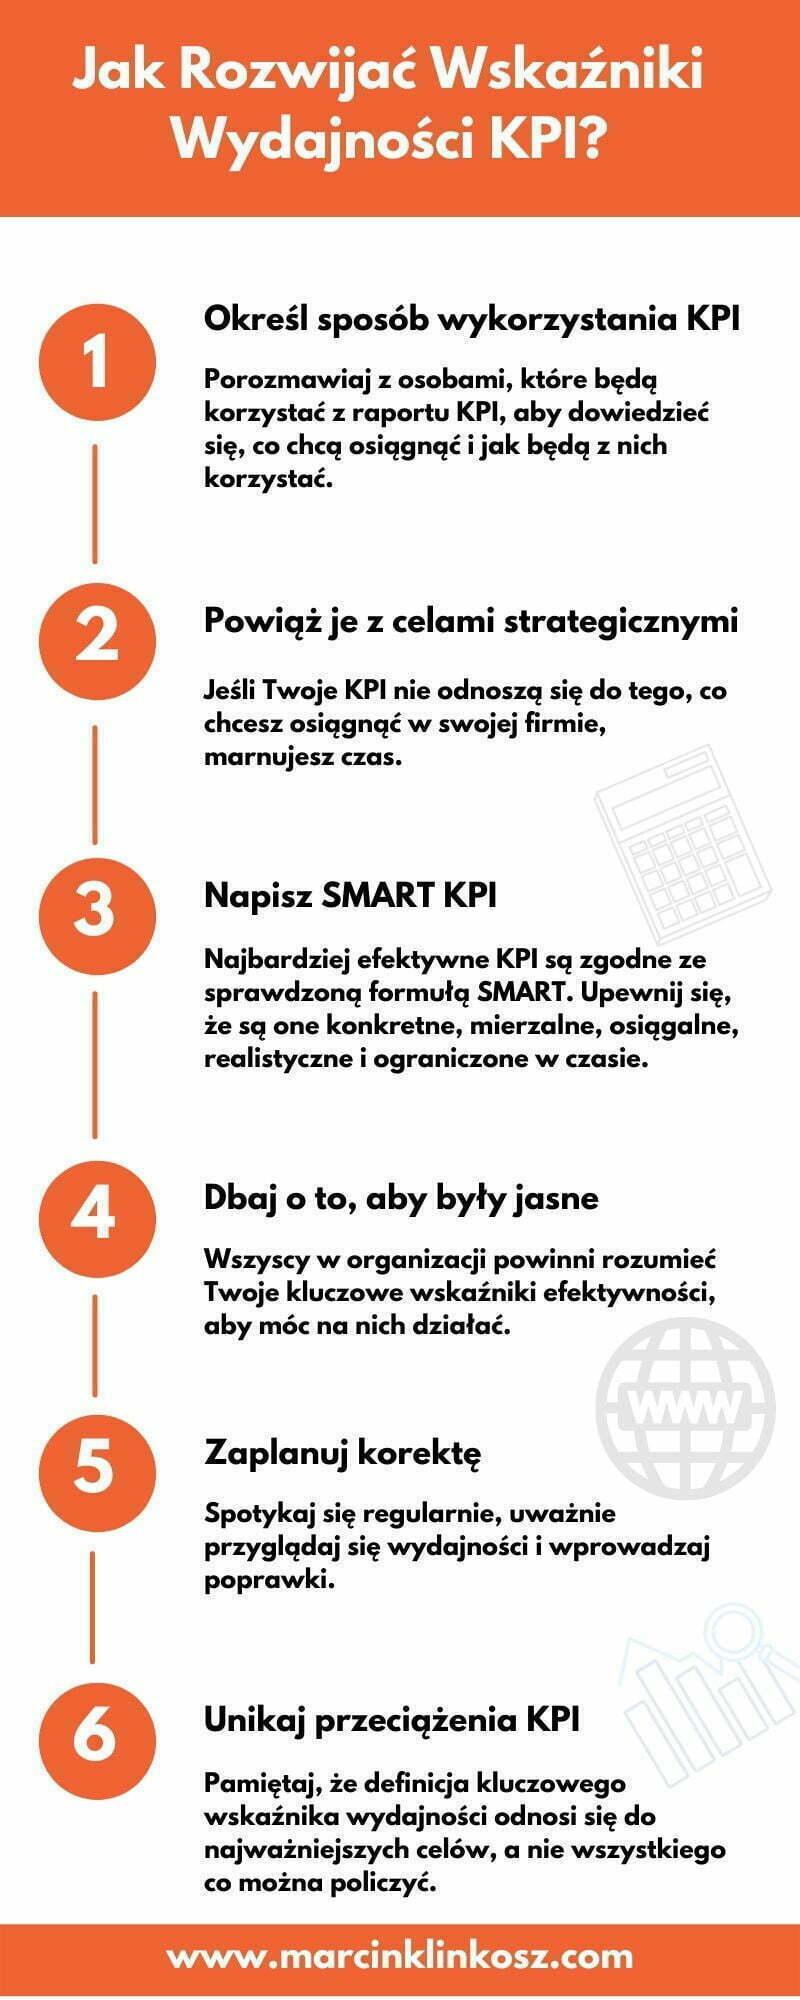 Jak Rozwijać Wskaźniki Wydajności KPI